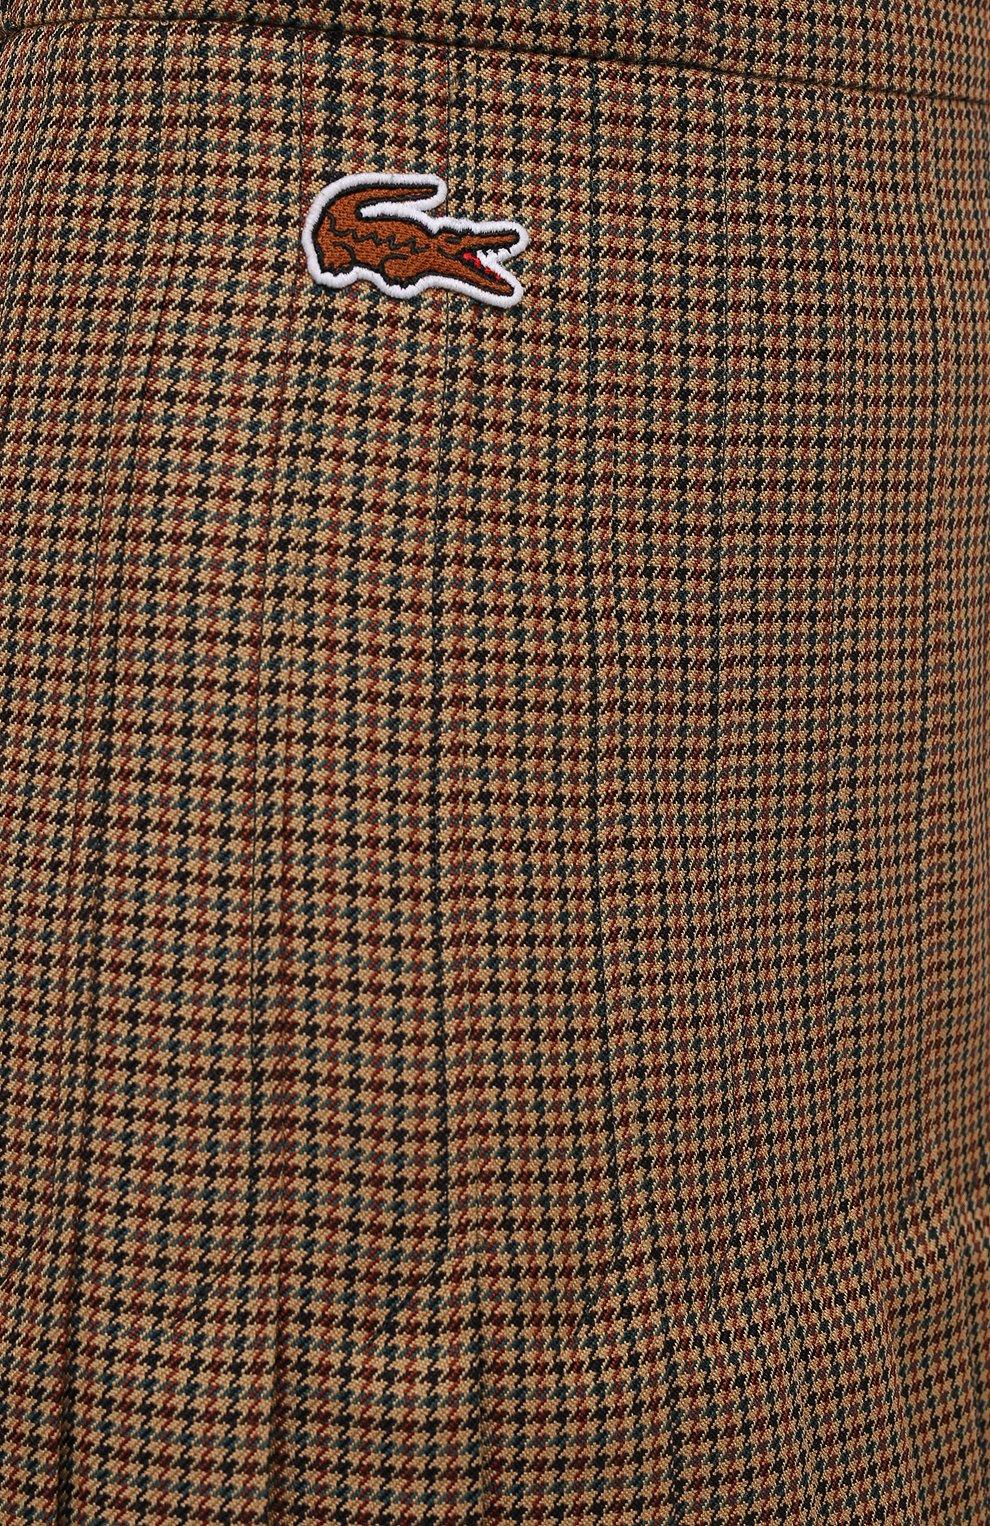 Женская плиссированная юбка LACOSTE бежевого цвета, арт. JF4763 | Фото 5 (Материал внешний: Шерсть, Синтетический материал; Женское Кросс-КТ: юбка-плиссе, Юбка-одежда; Длина Ж (юбки, платья, шорты): Миди; Стили: Кэжуэл)